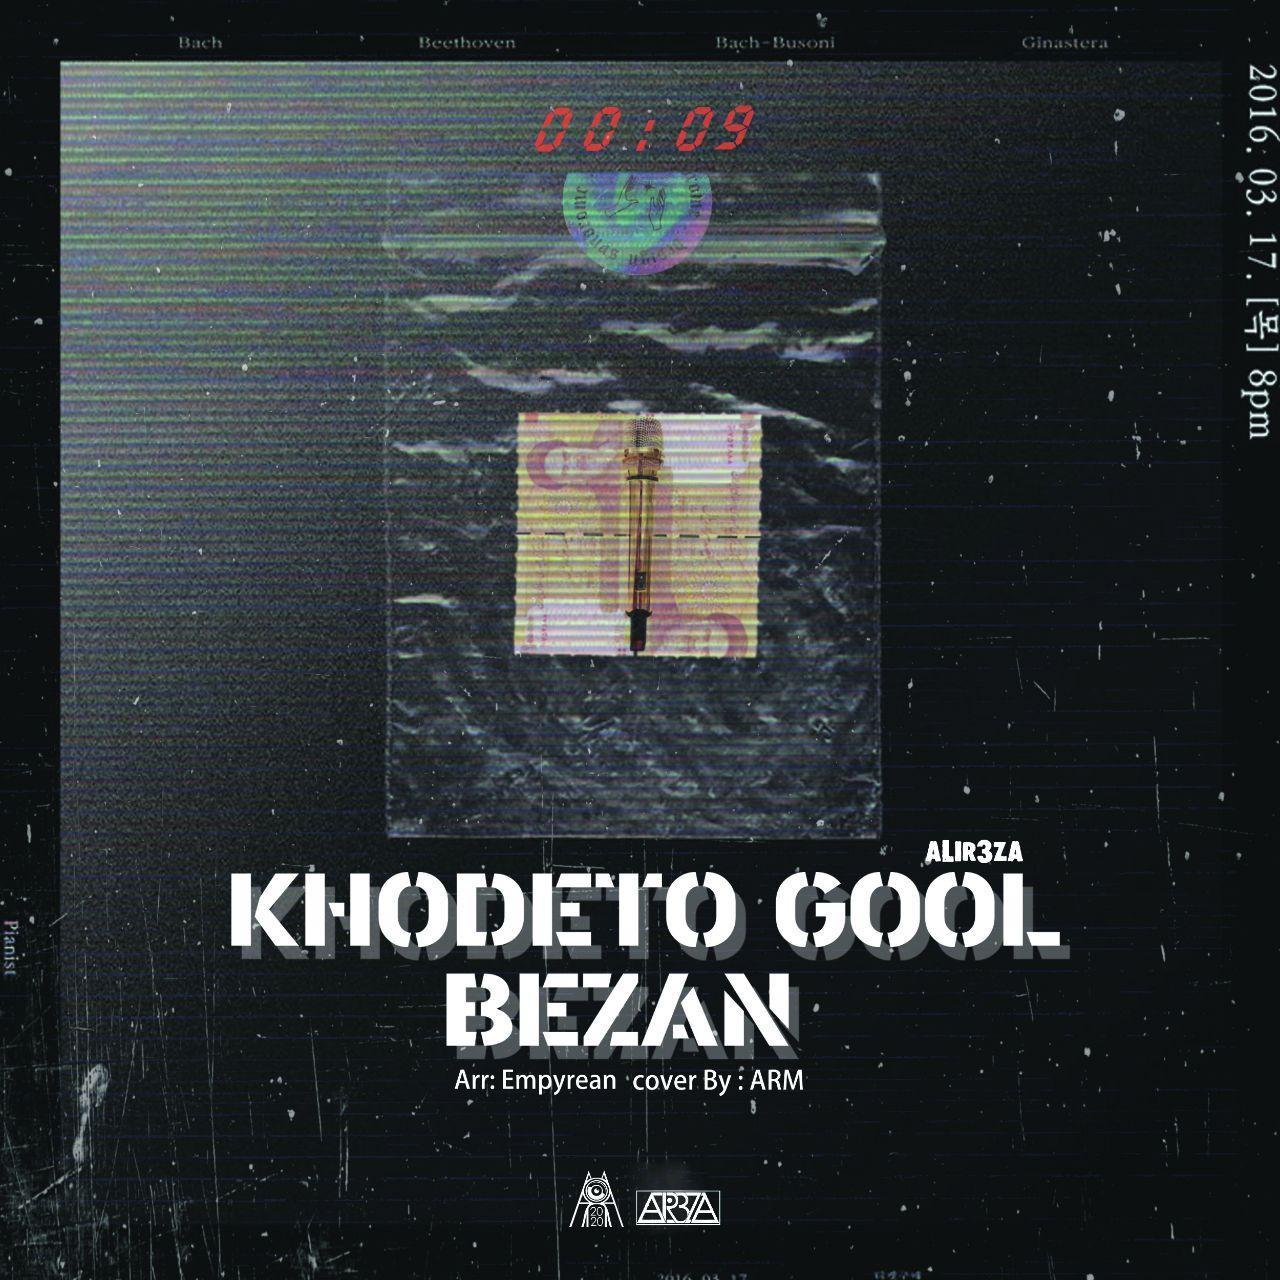 Alir3za - Khodeto Gool Bezan